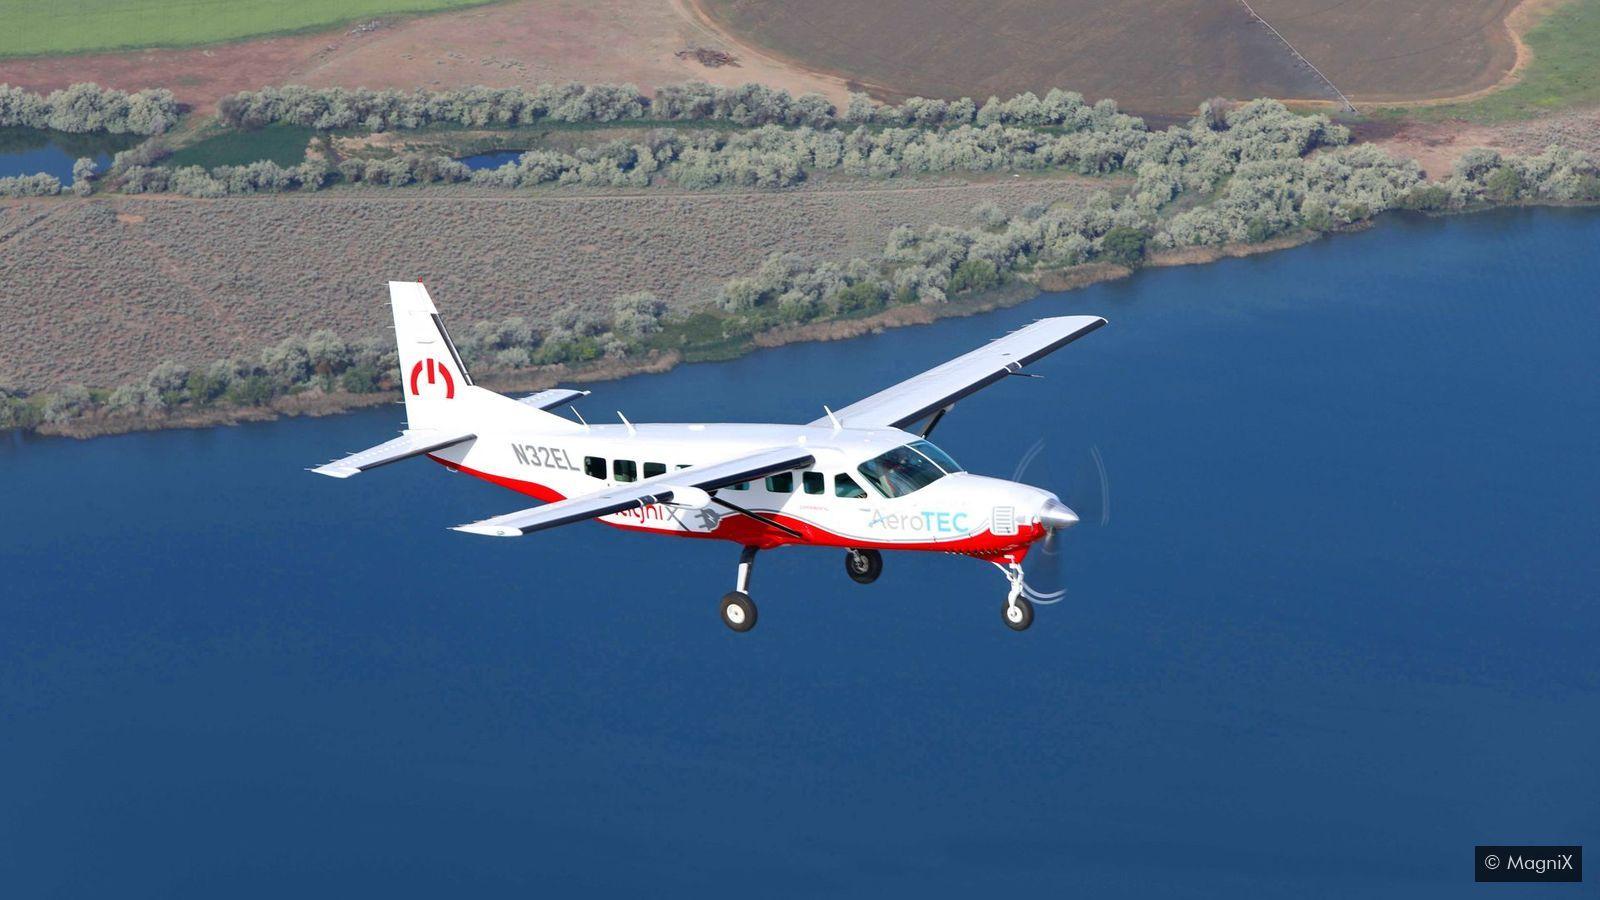 magas vérnyomású repülőgépen repül